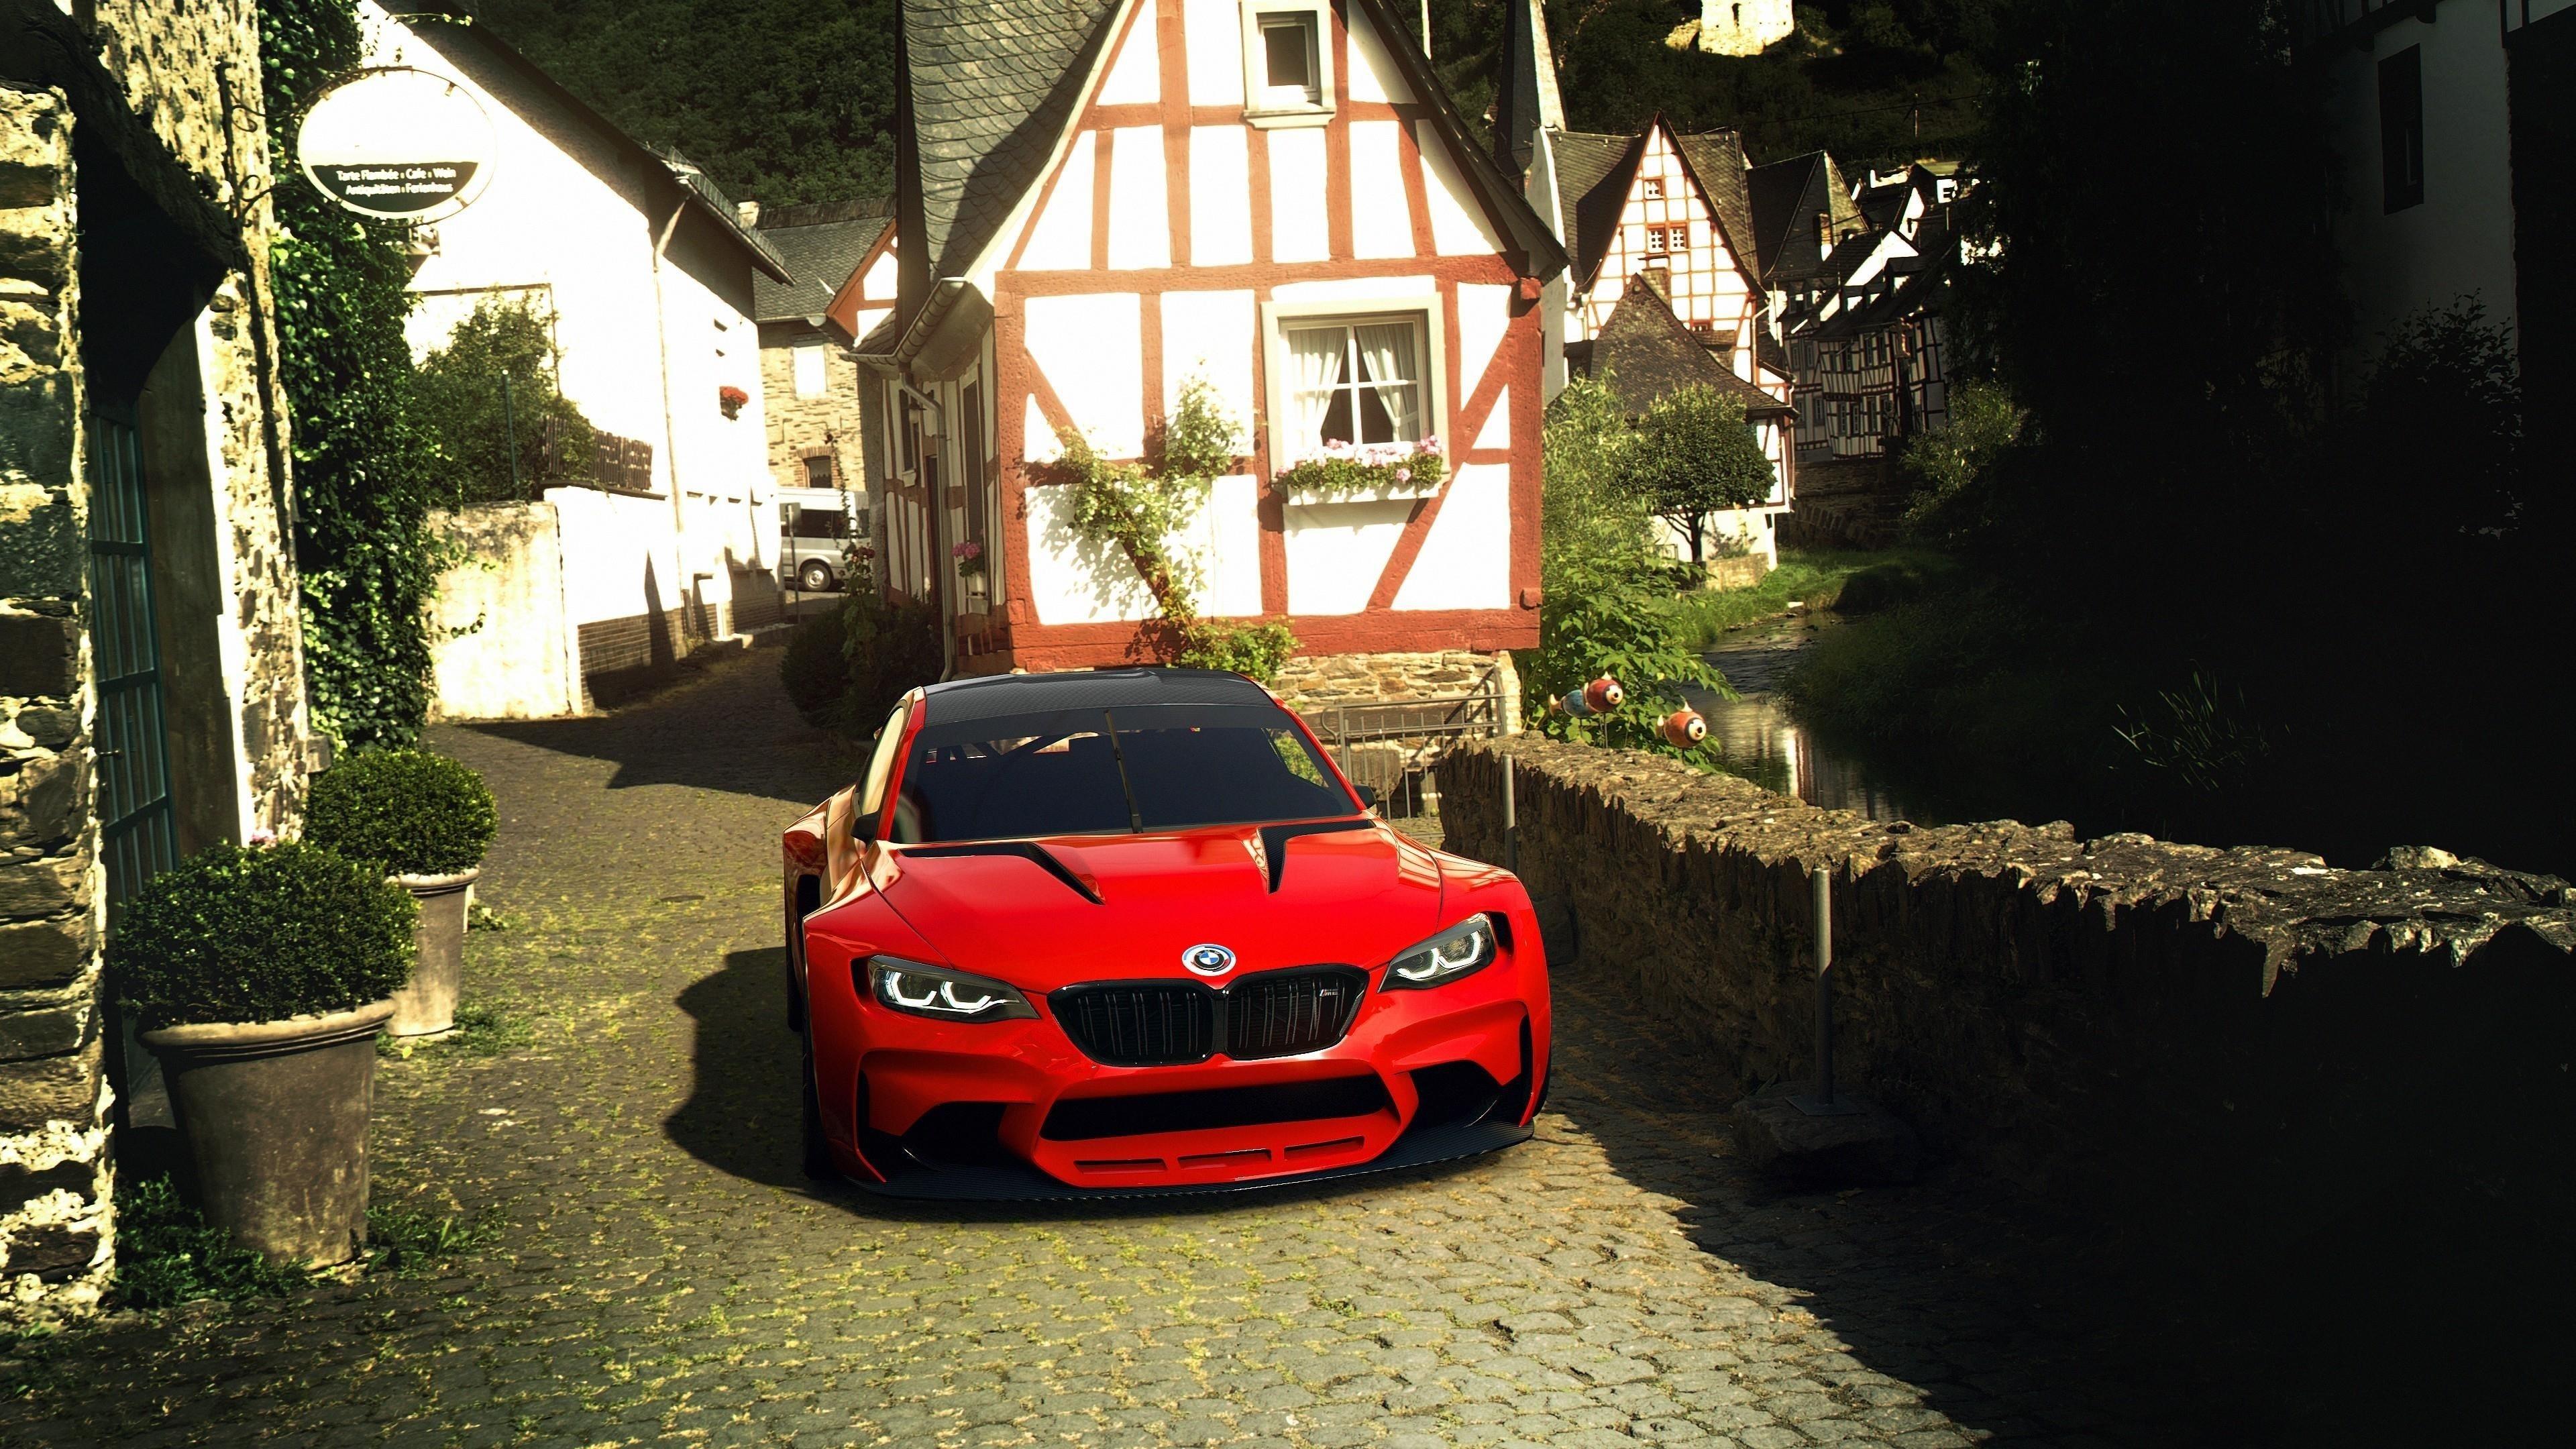 Bmw vision gran turismo 3 автомобиля обои скачать